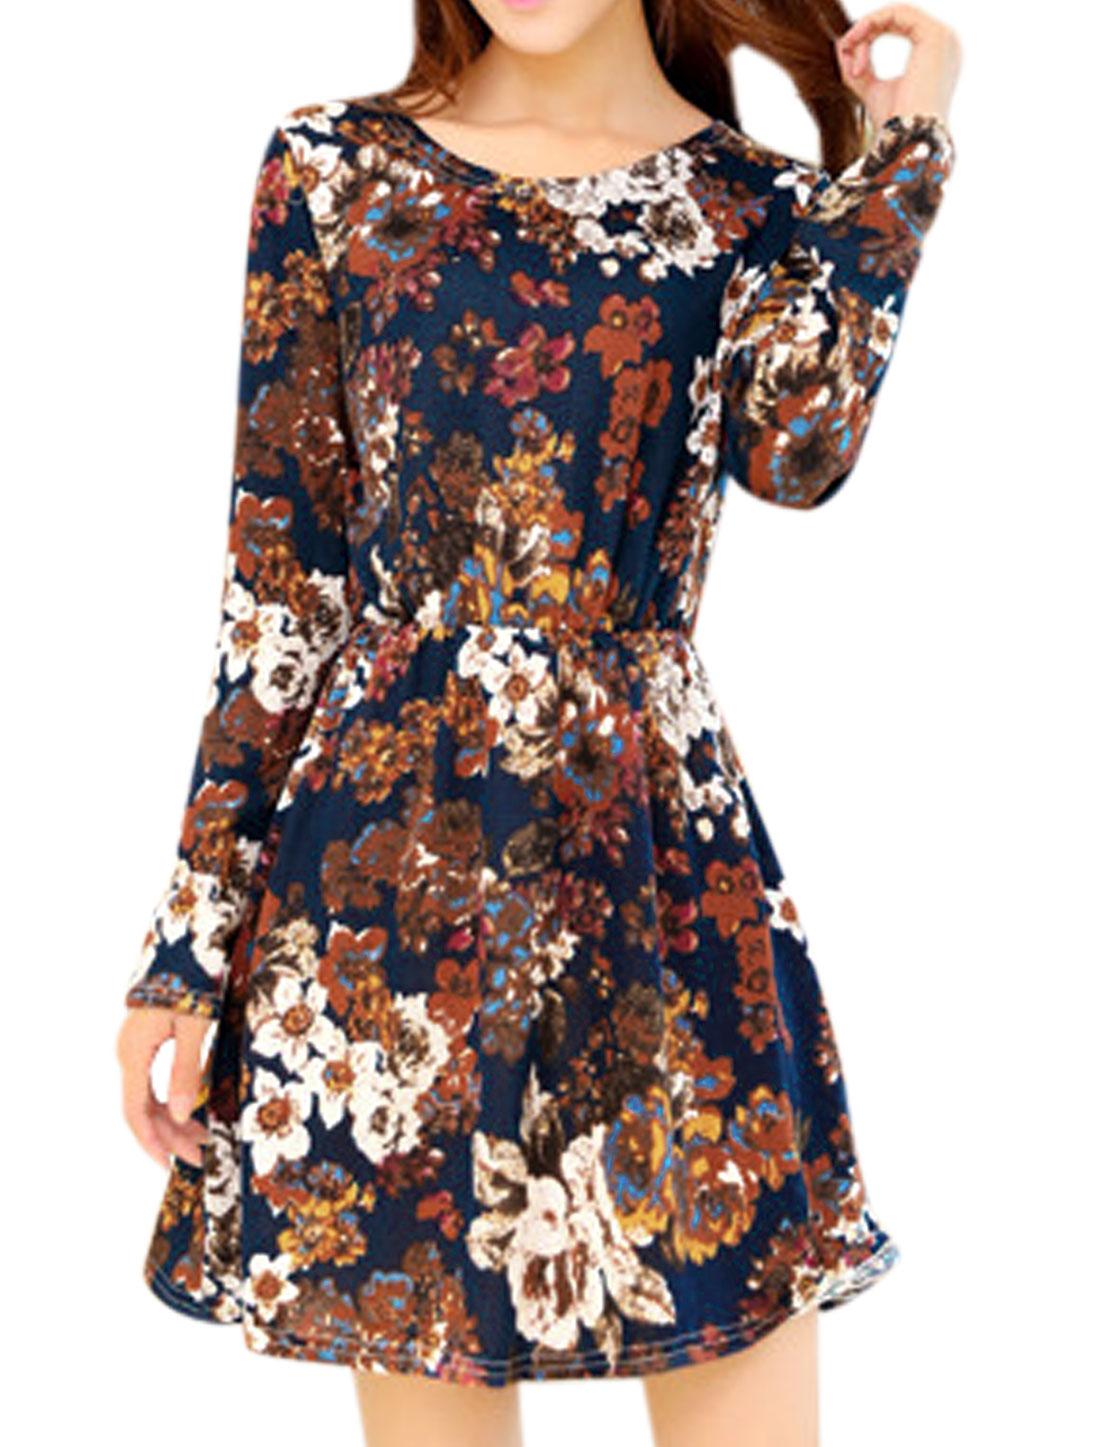 Women Floral Prints Elastic Waist Round Neck Casual Short Dress Multicolor XS